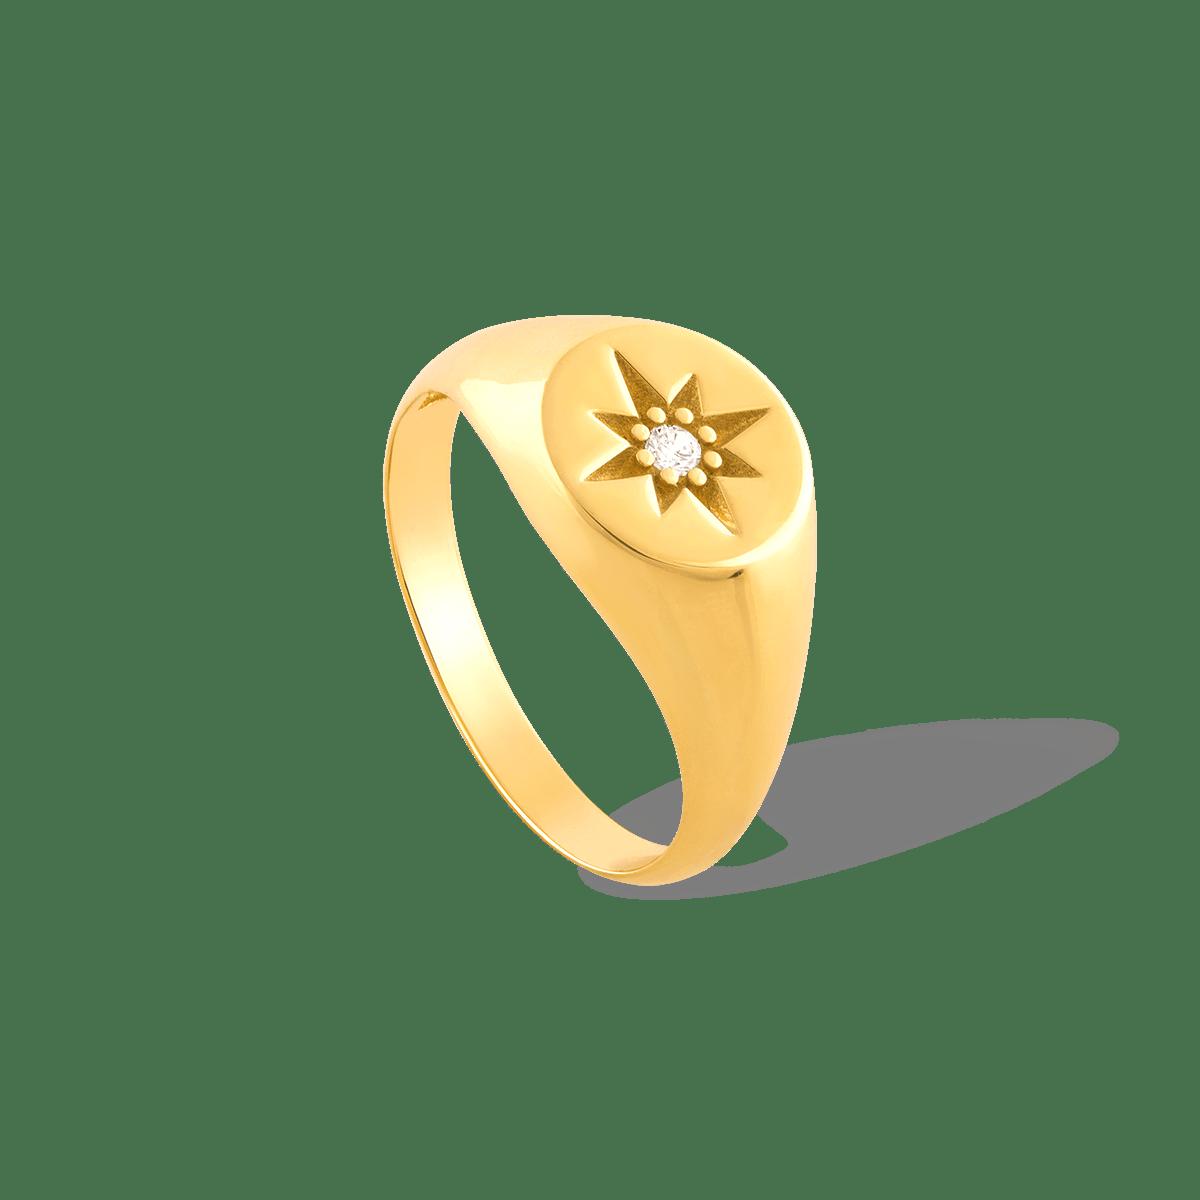 انگشتر طلا پینکی ستاره